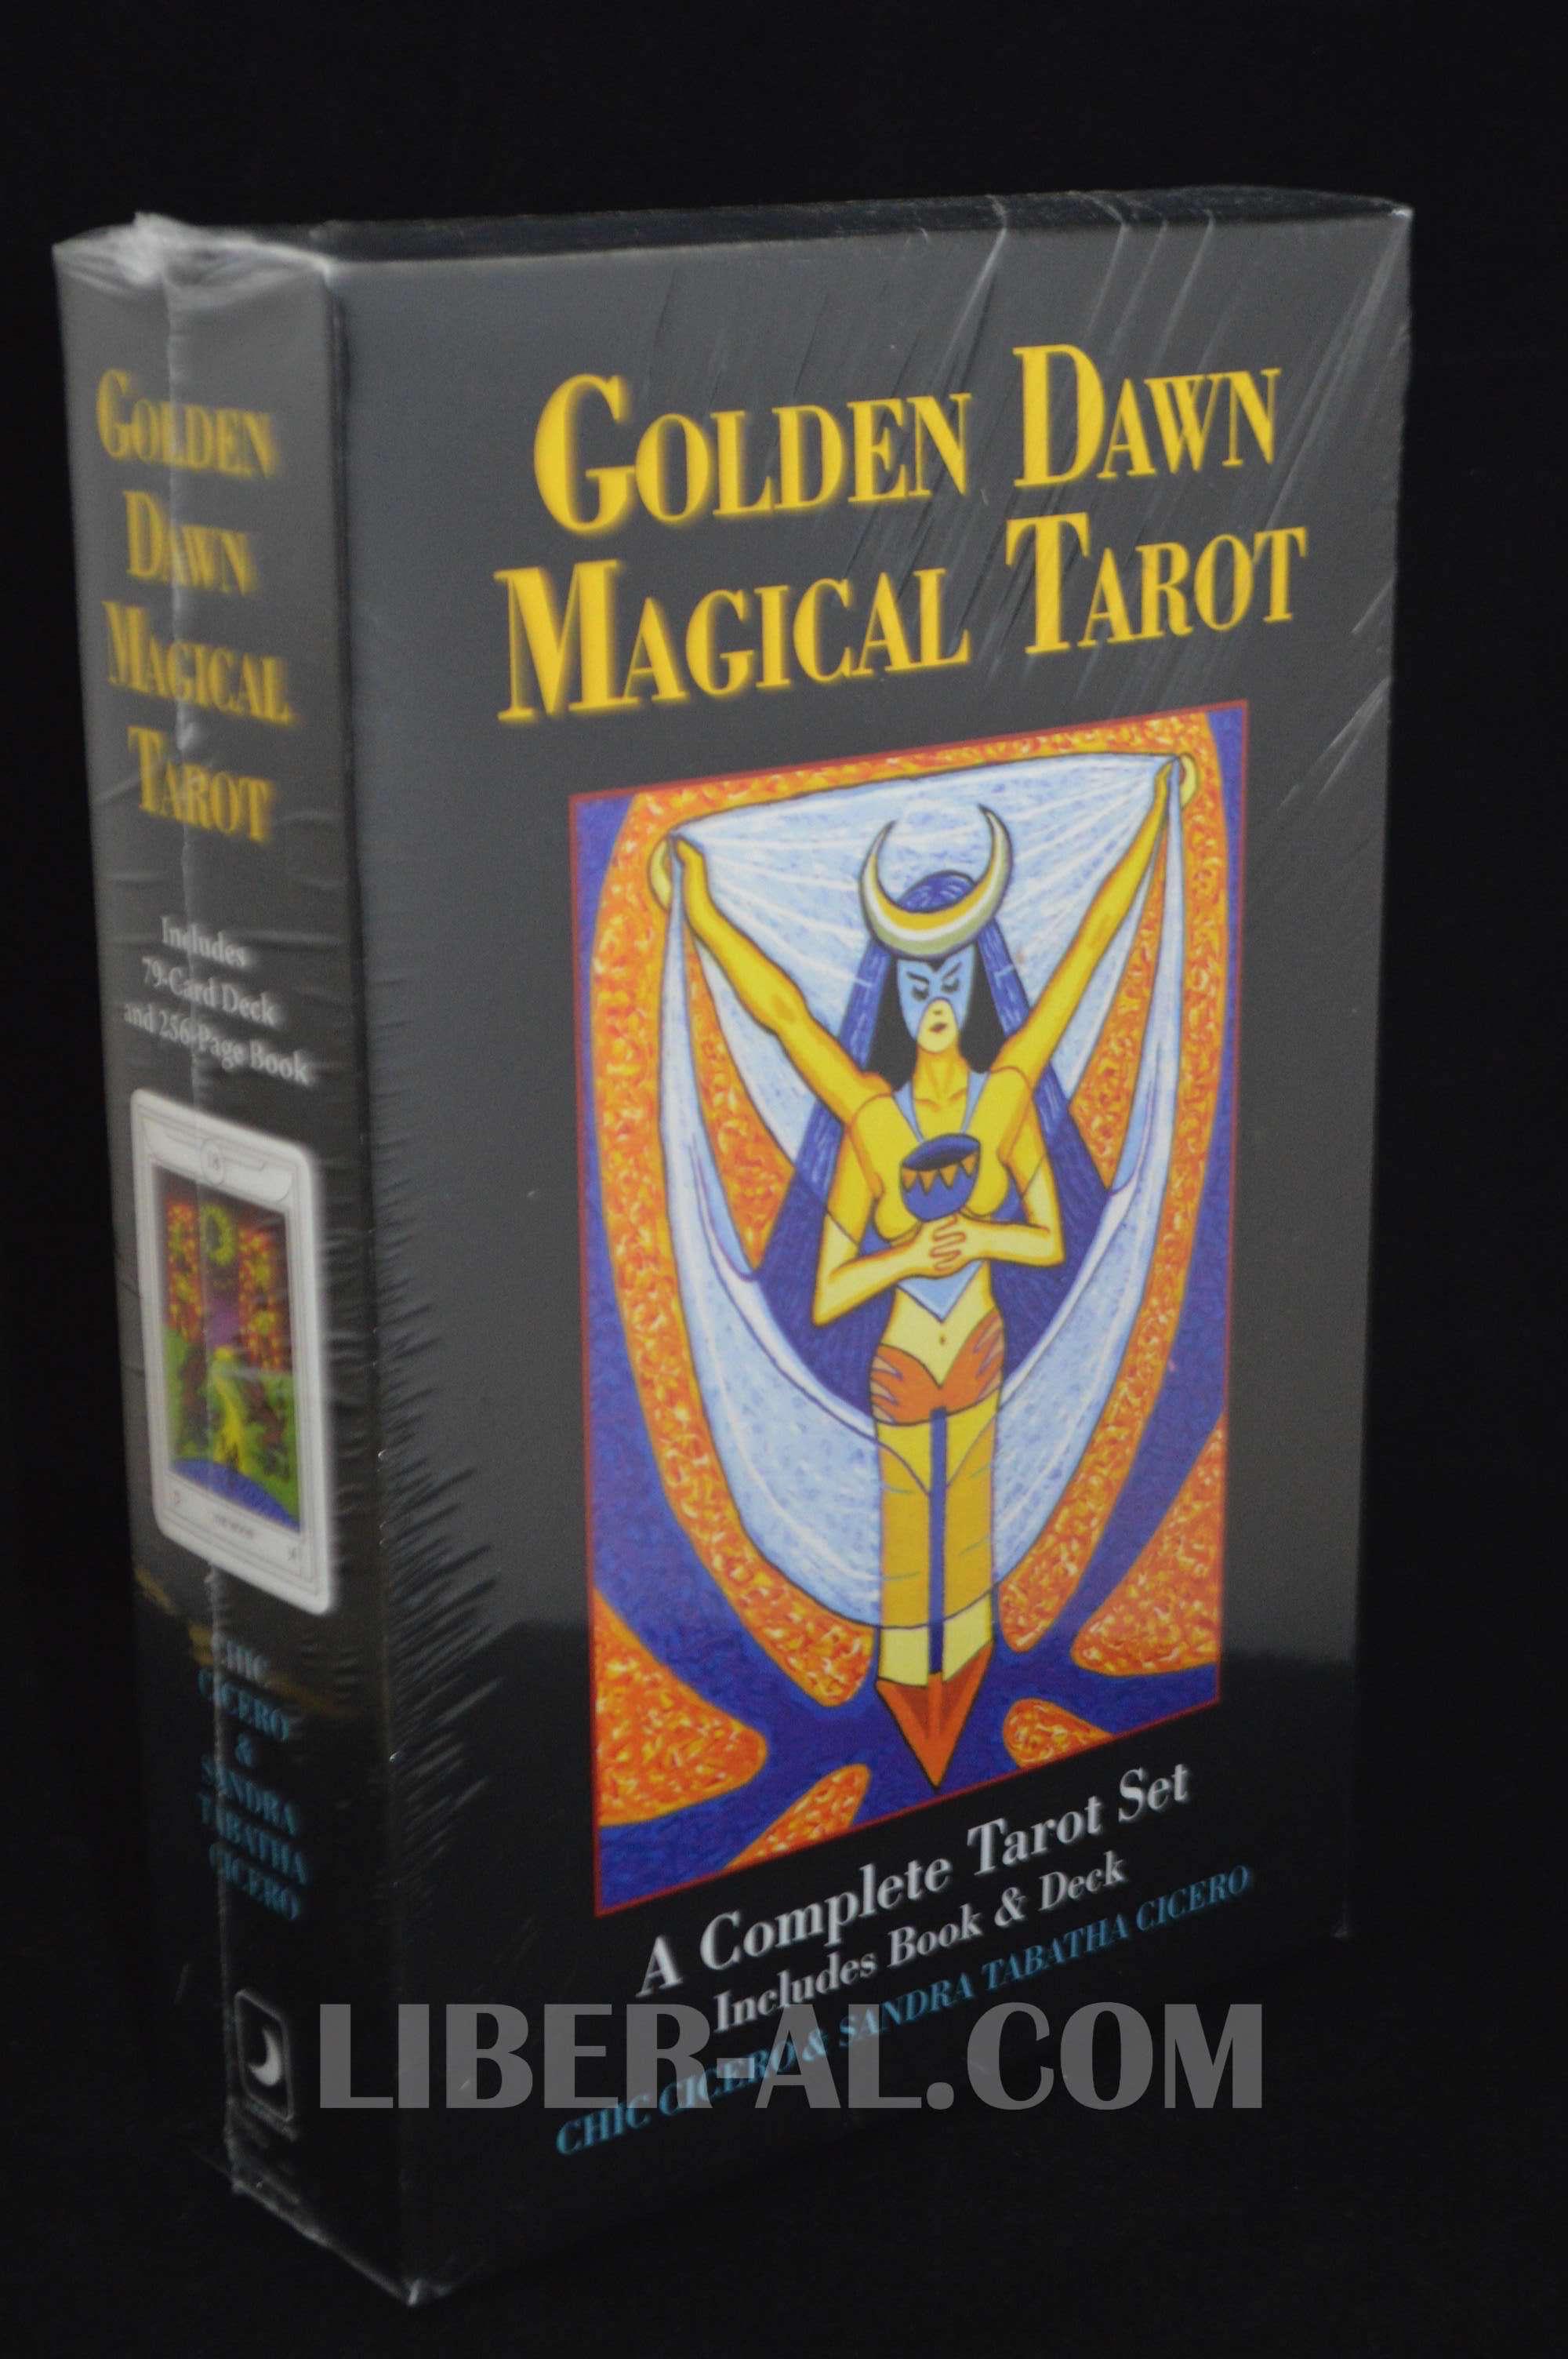 GOLDEN DAWN MAGICAL TAROT: A Complete Tarot Set » Liber-AL.com